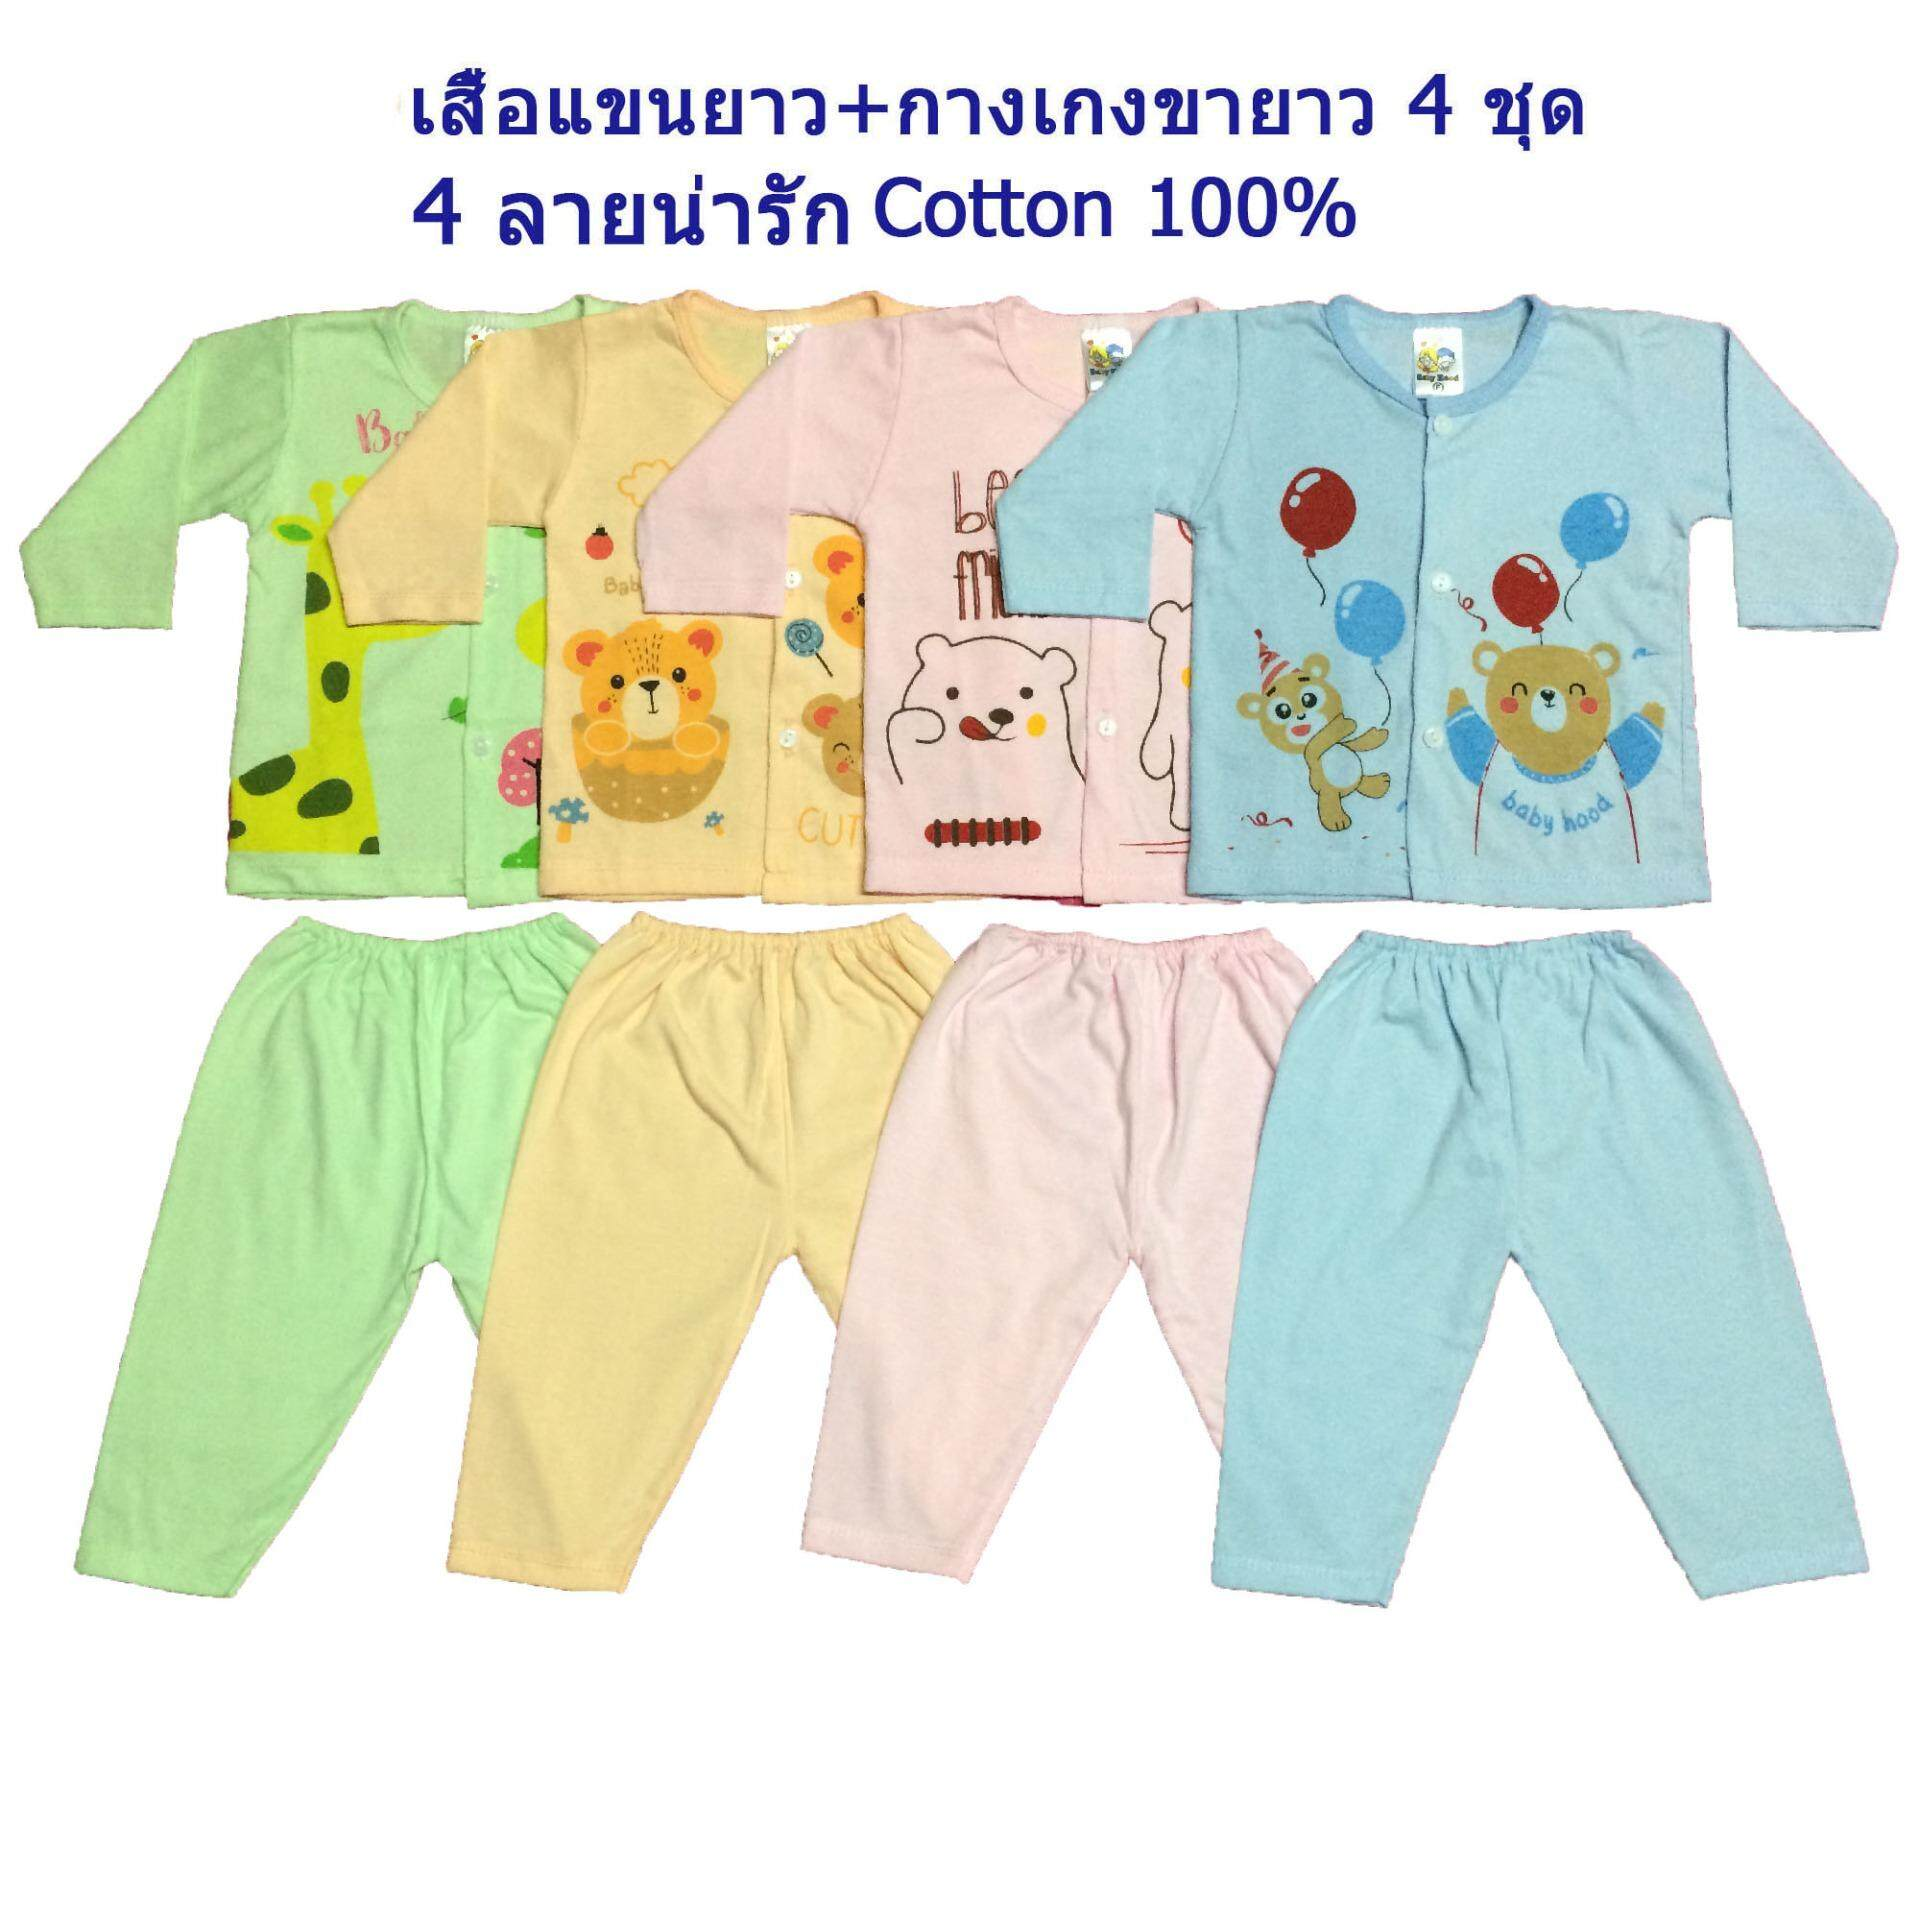 ซื้อที่ไหน Kamphu ชุดเด็กแรกเกิด เสื้อแขนยาว กางเกงขายาว เด็กหญิง เด็กชาย 4 ชุด